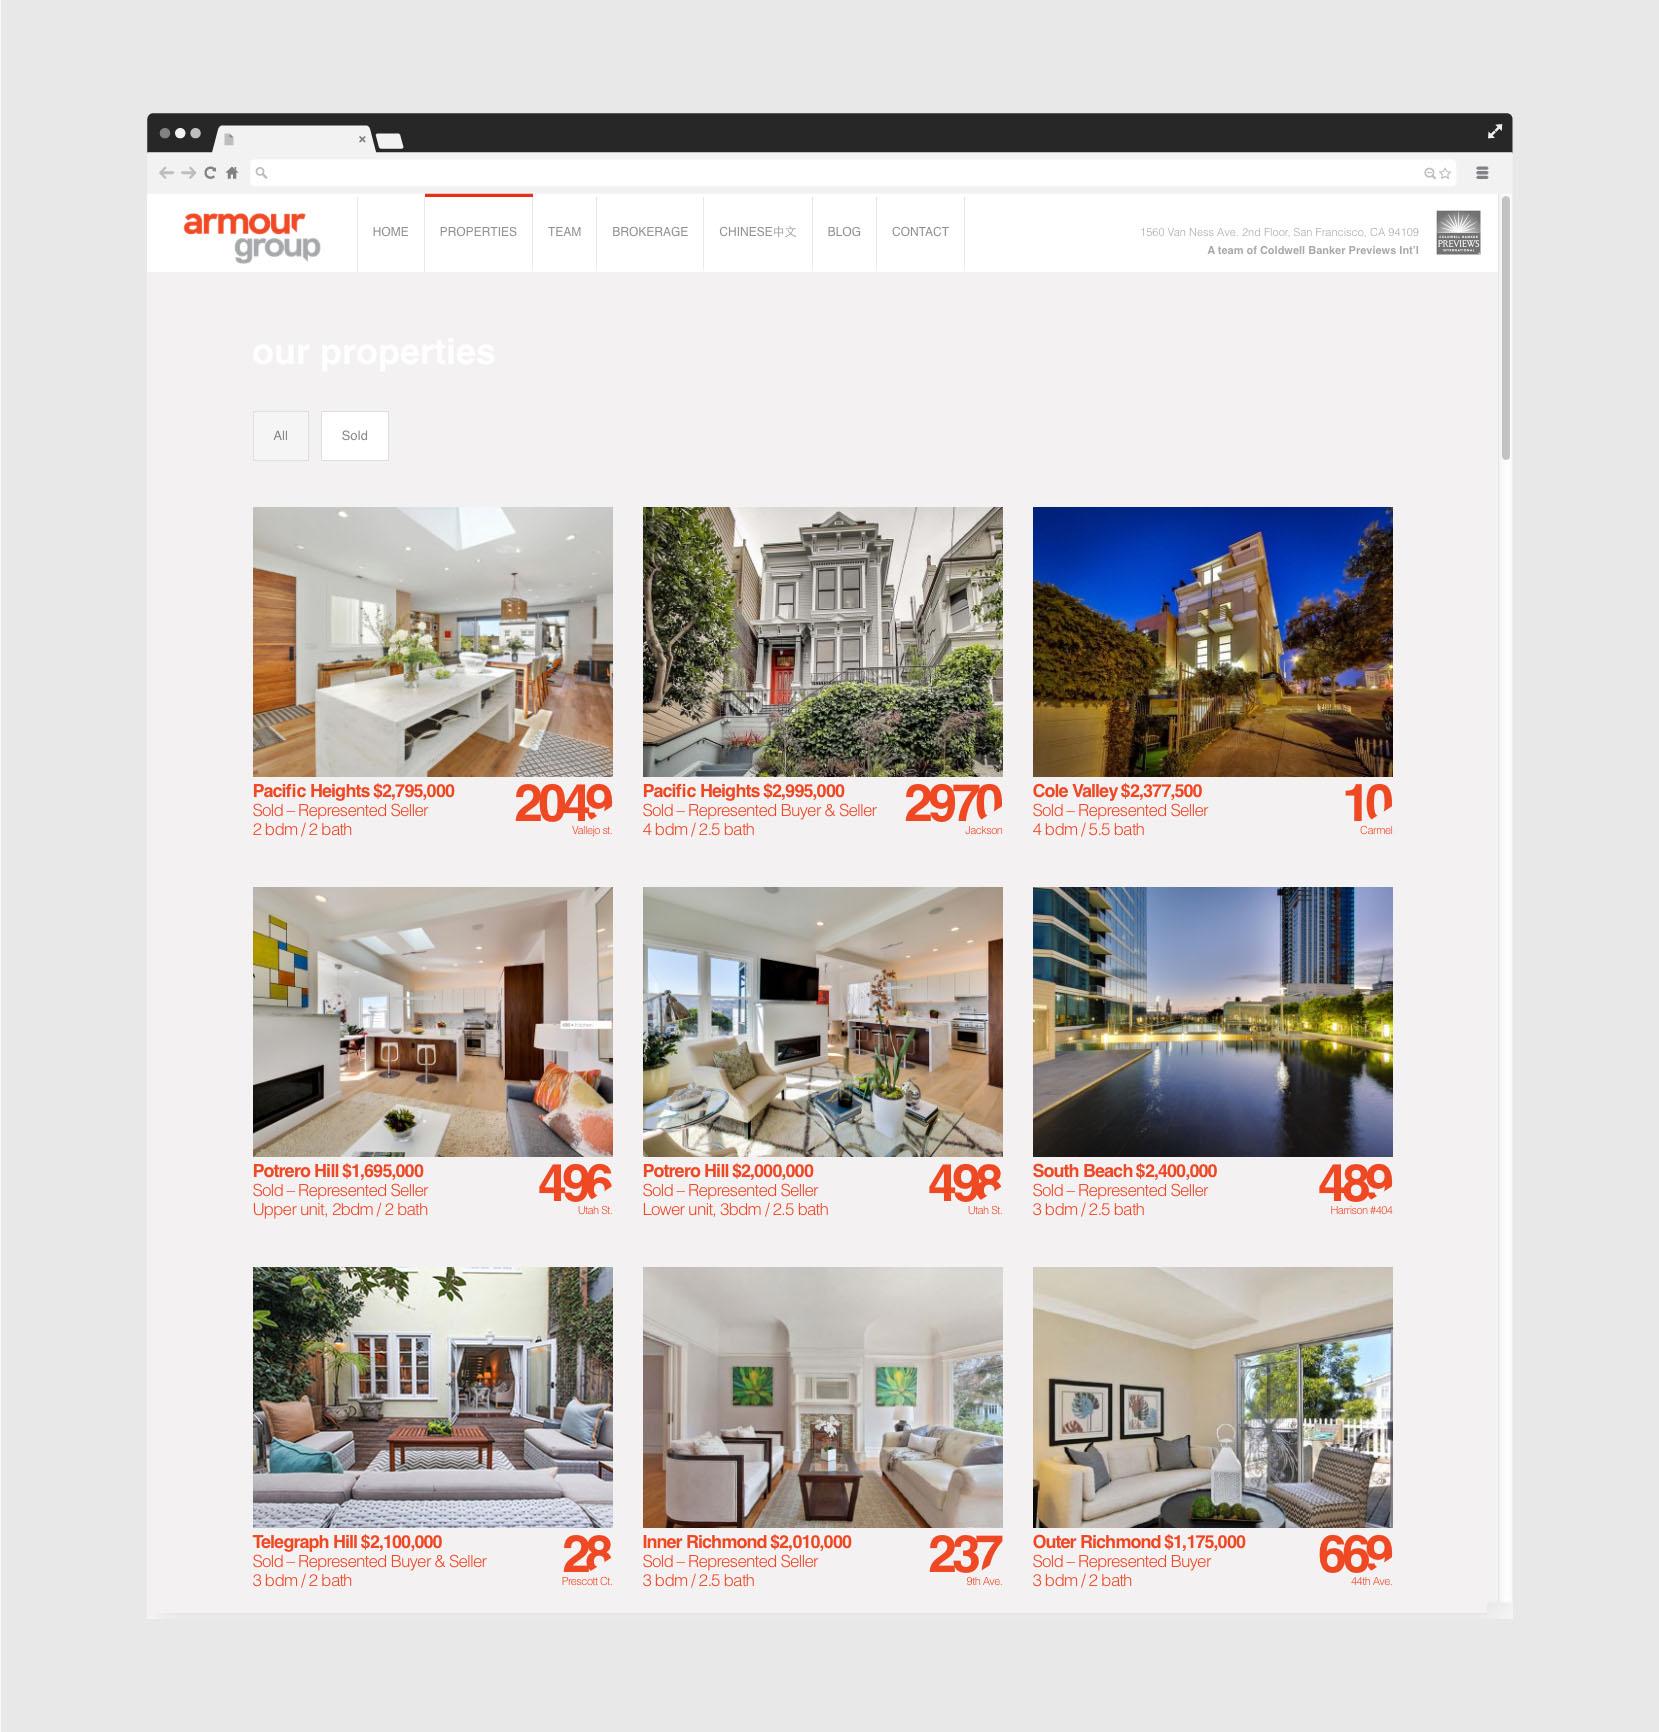 Armour Group SF Properties page.jpg